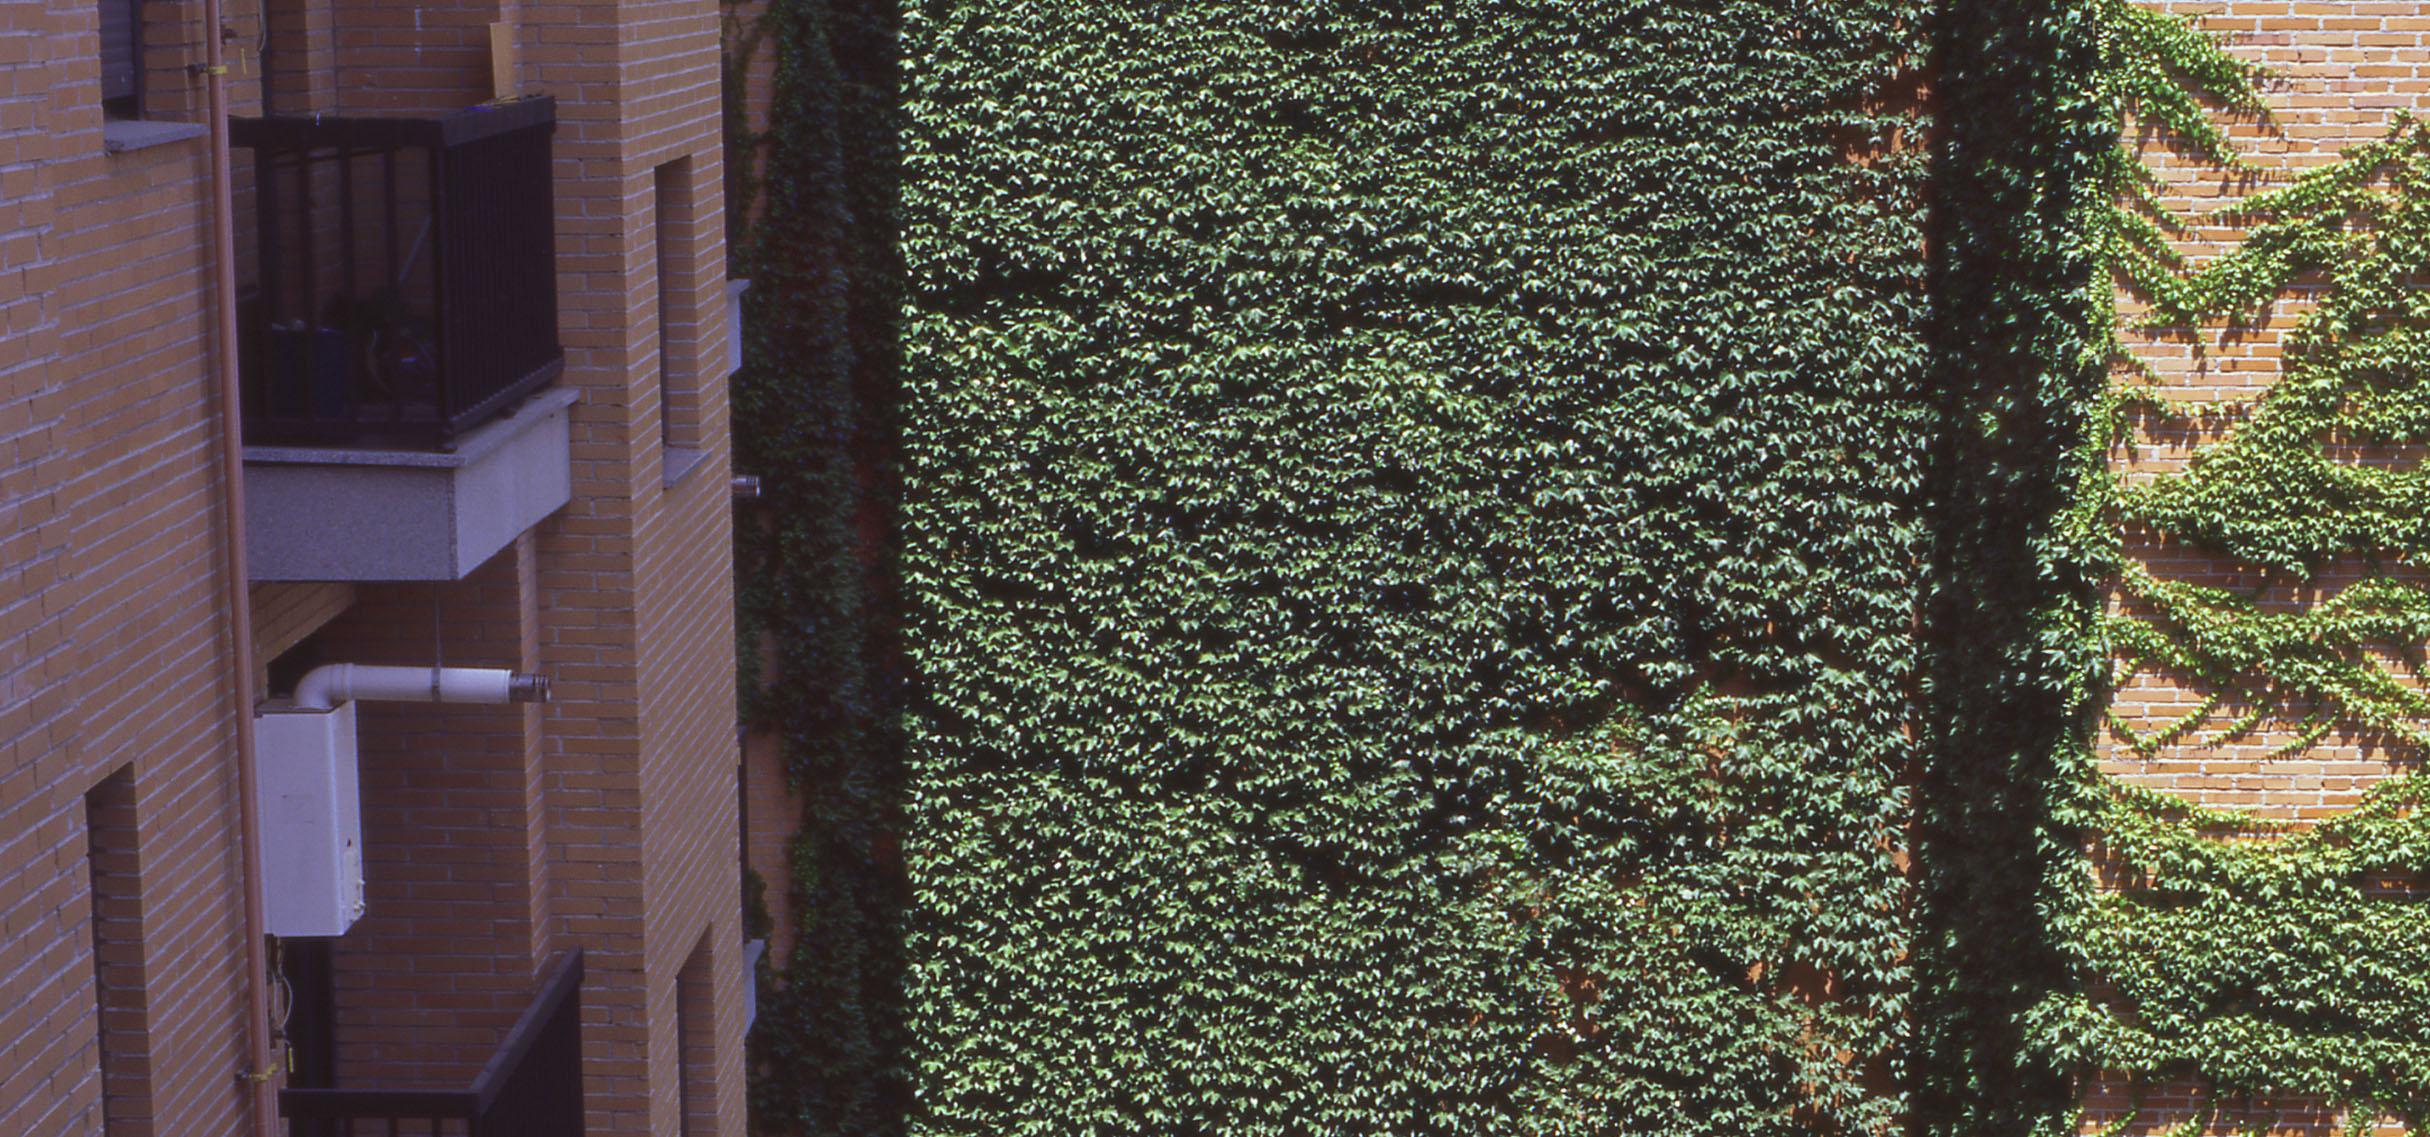 Alquiler apartamentos amueblados en madrid por meses otamendi tetu n - Alquiler de pisos baratos en madrid por particulares ...